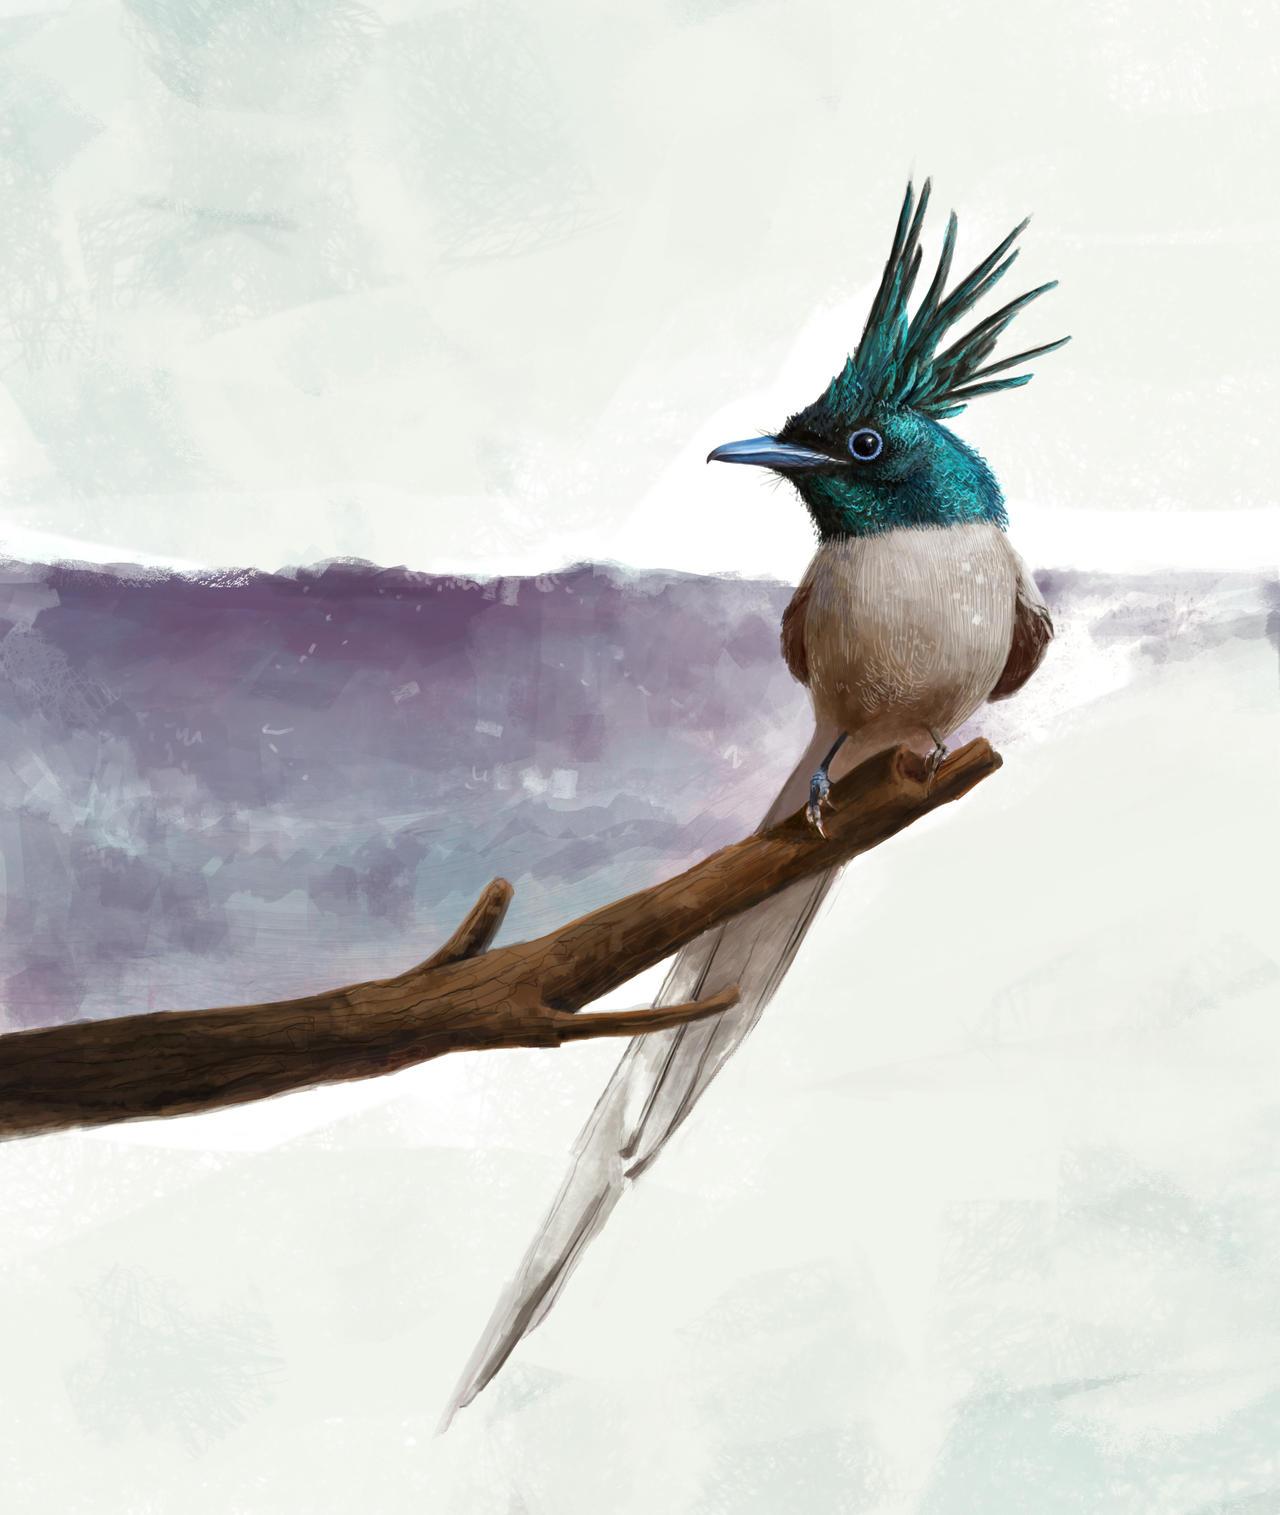 Asian Paradise flycatcher by hmhankypanky